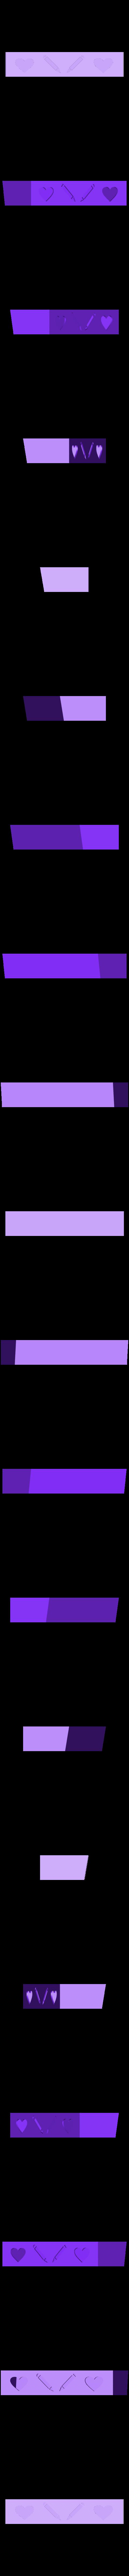 marker_holder_part2.stl Télécharger fichier STL gratuit à la planche pour l'éponge et les marqueurs • Plan à imprimer en 3D, mariospeed